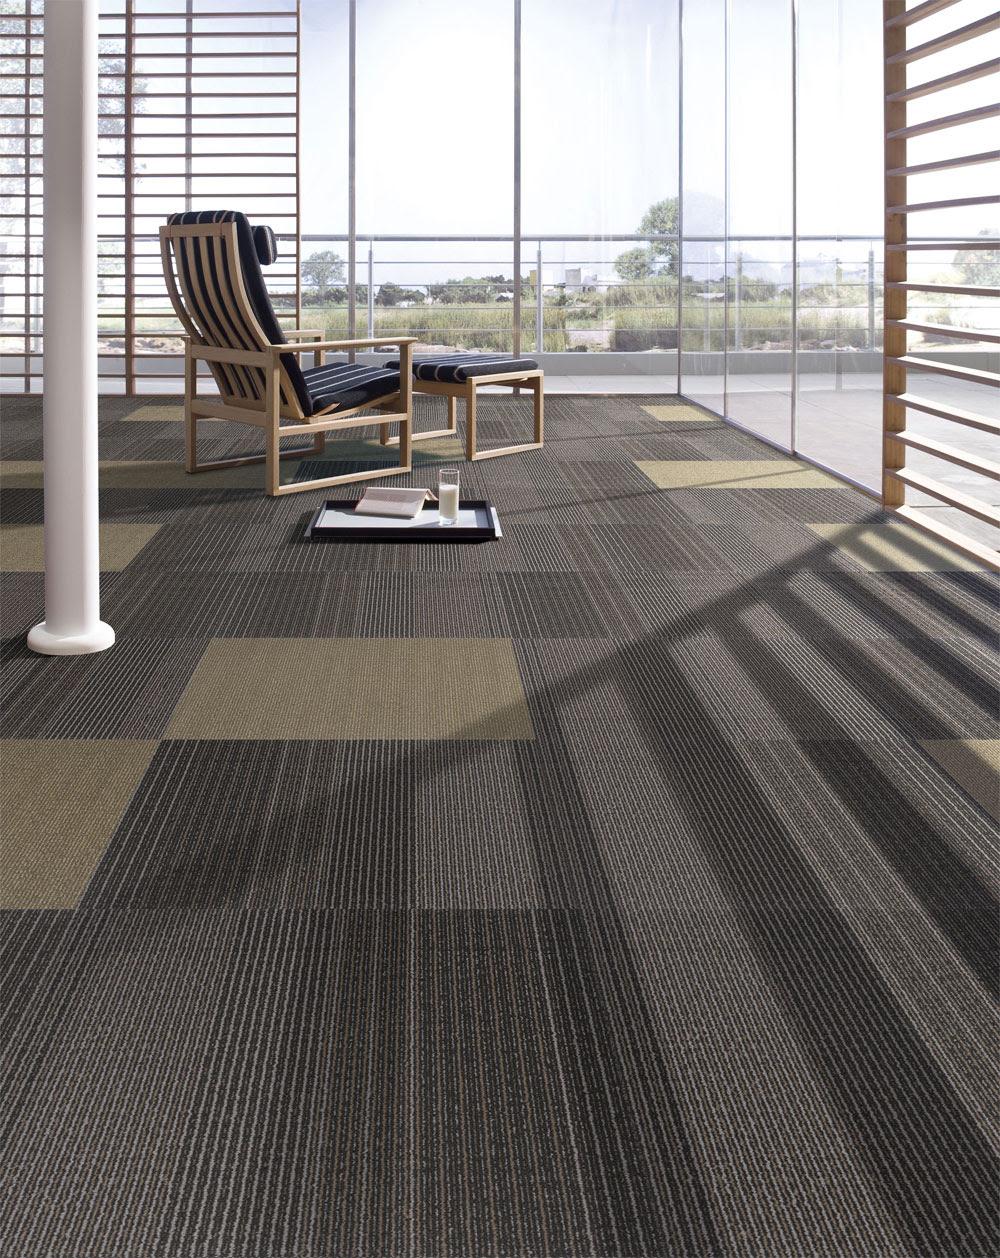 floor carpet for office boardroom carpet tiles nz KAYVJDU